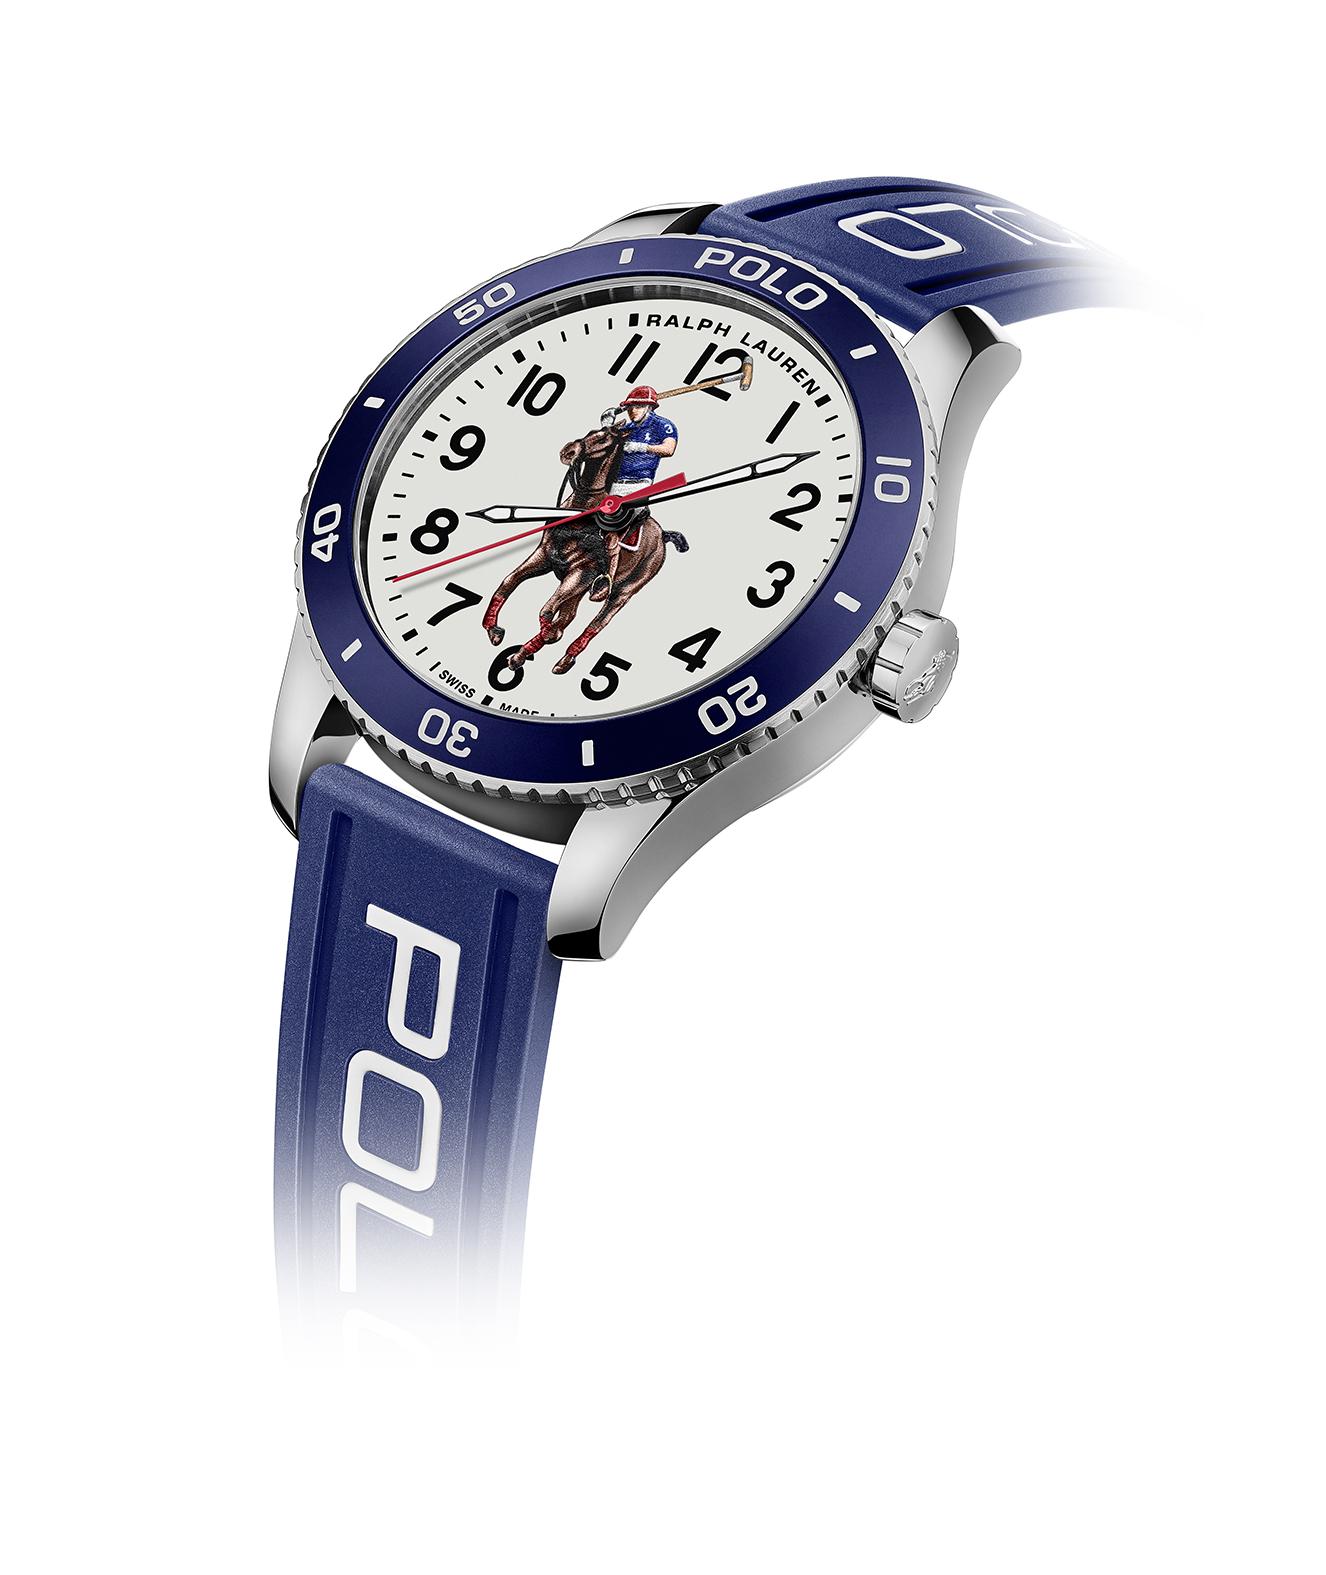 Ralph Lauren Polo Player watch